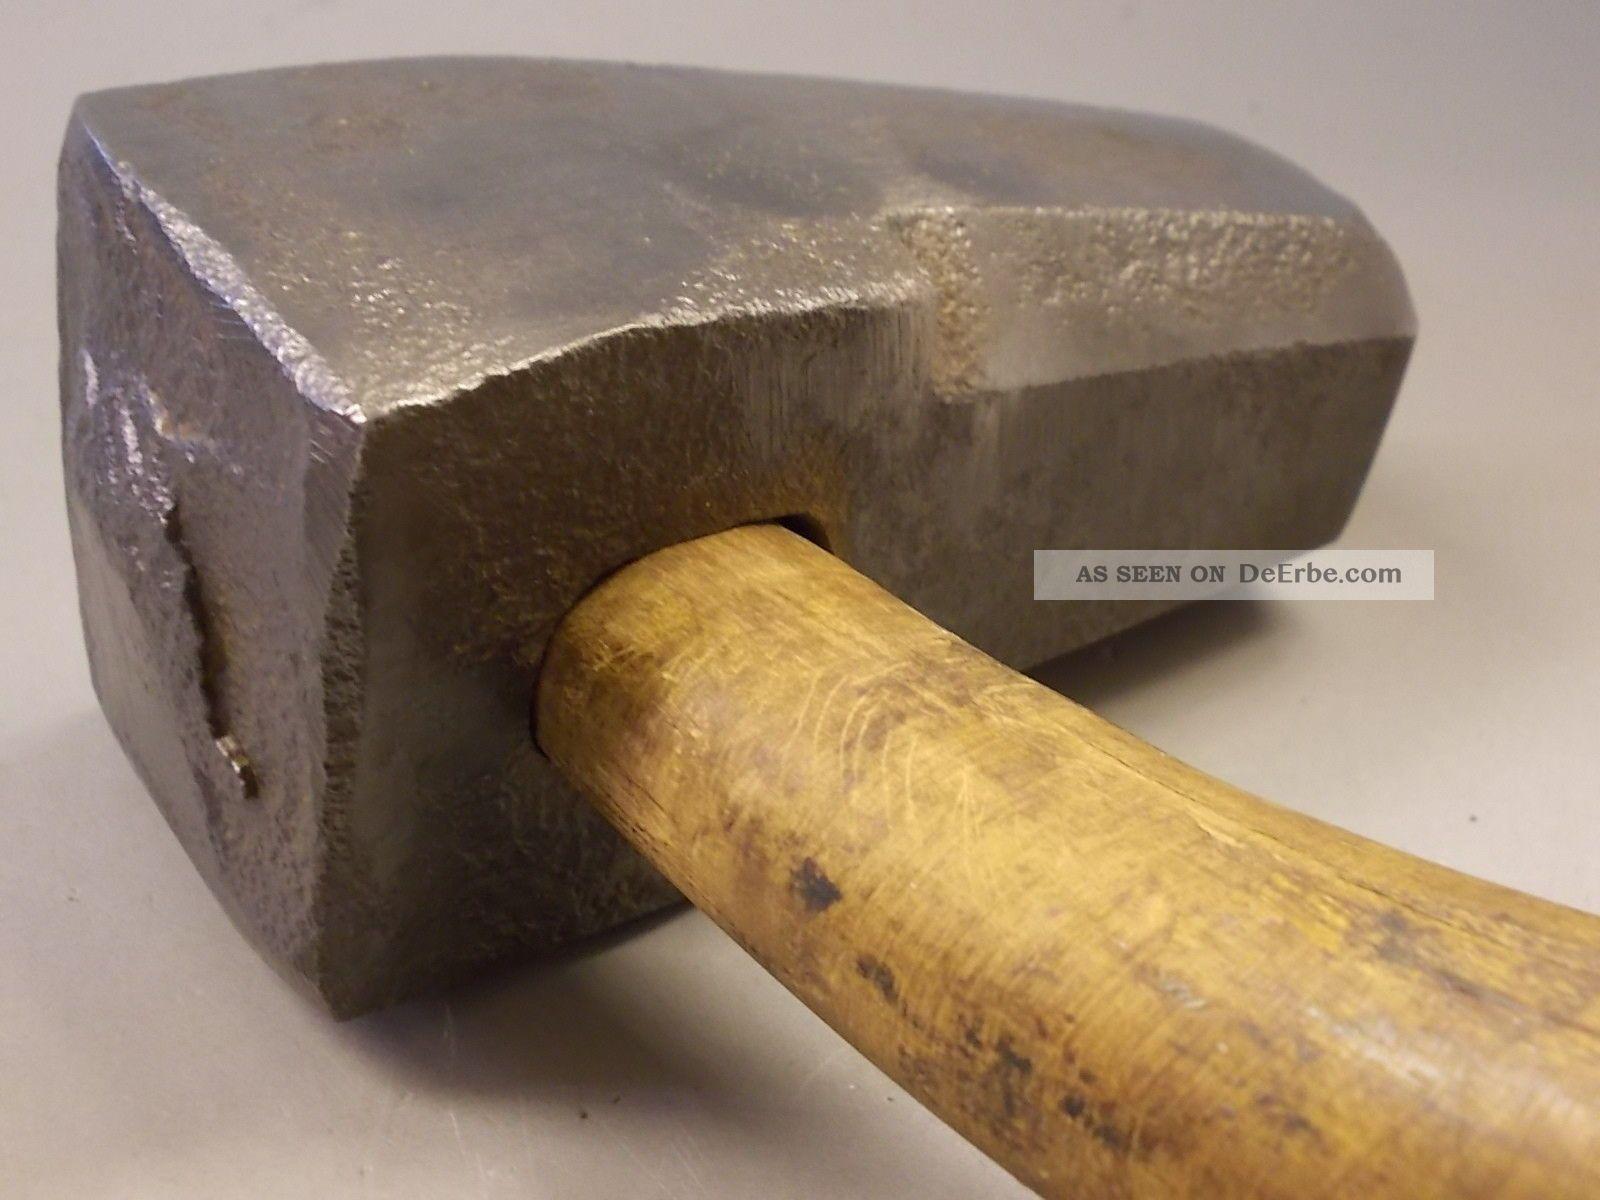 feilenhauerhammer schmiedehammer hammer altes werkzeug. Black Bedroom Furniture Sets. Home Design Ideas